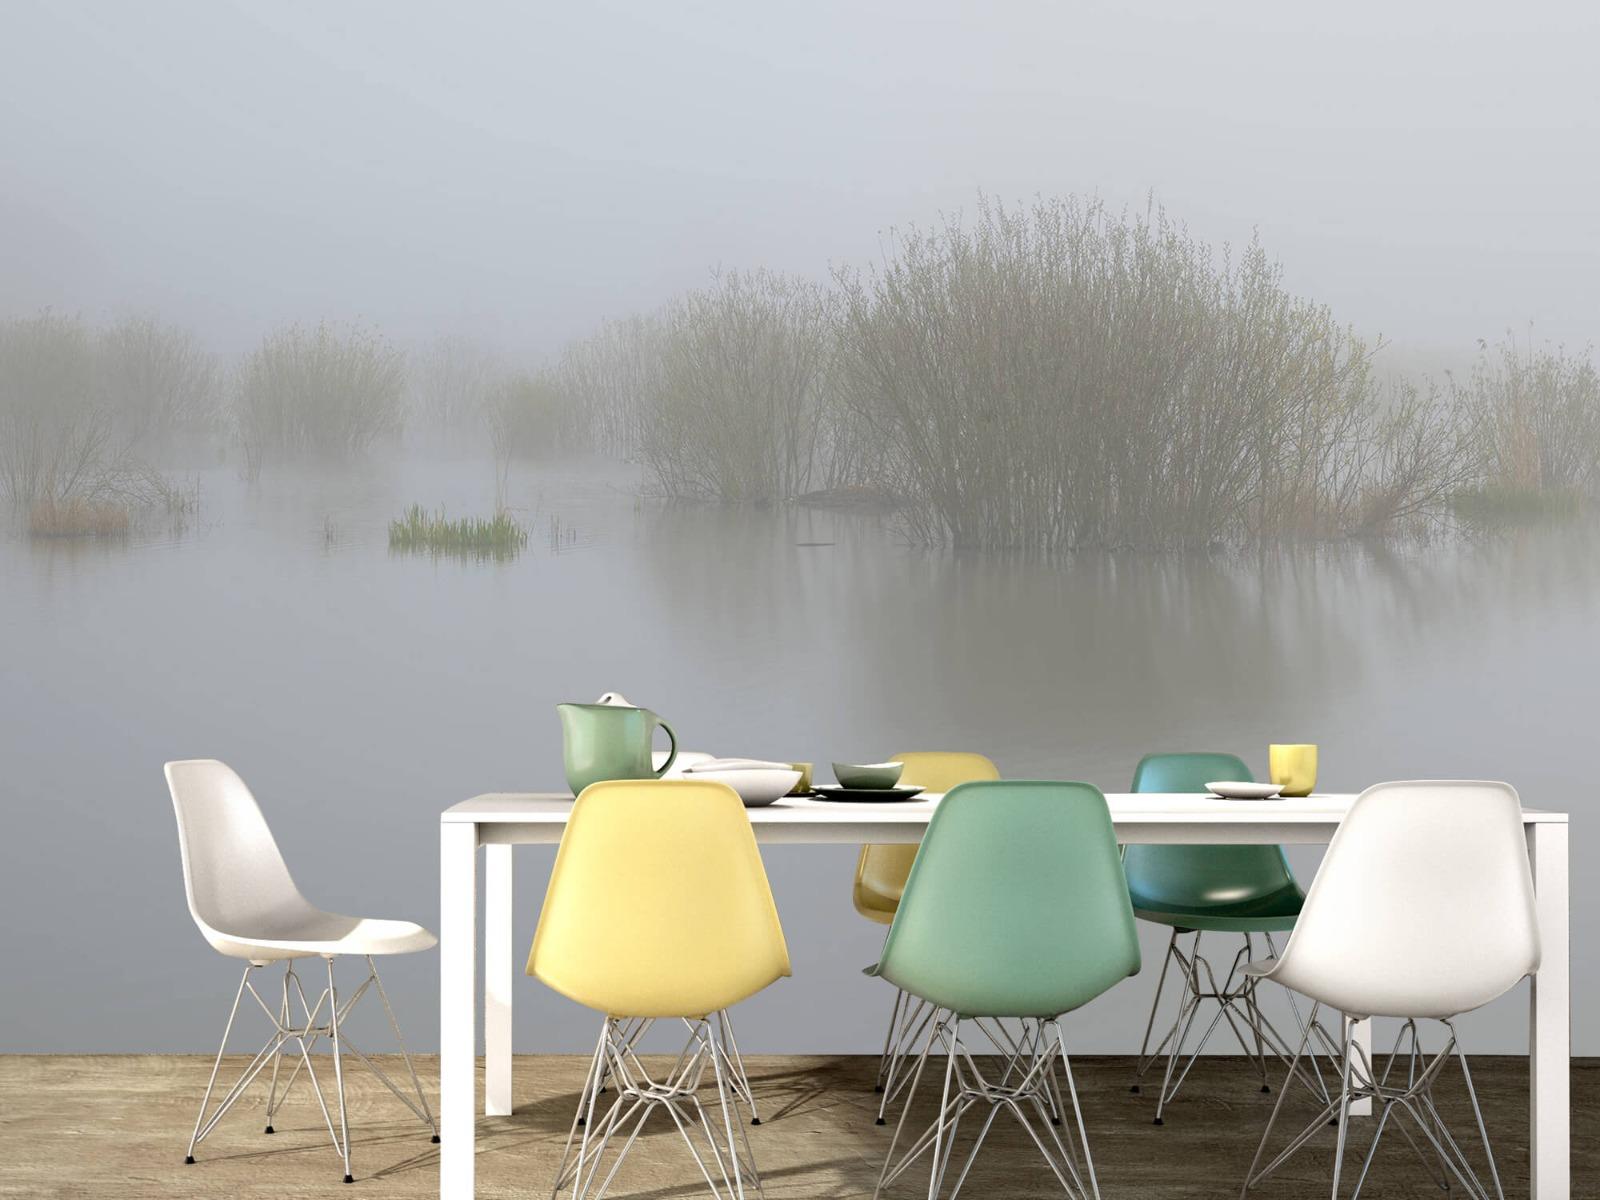 Landschap - Mist in natuurgebied - Slaapkamer 16